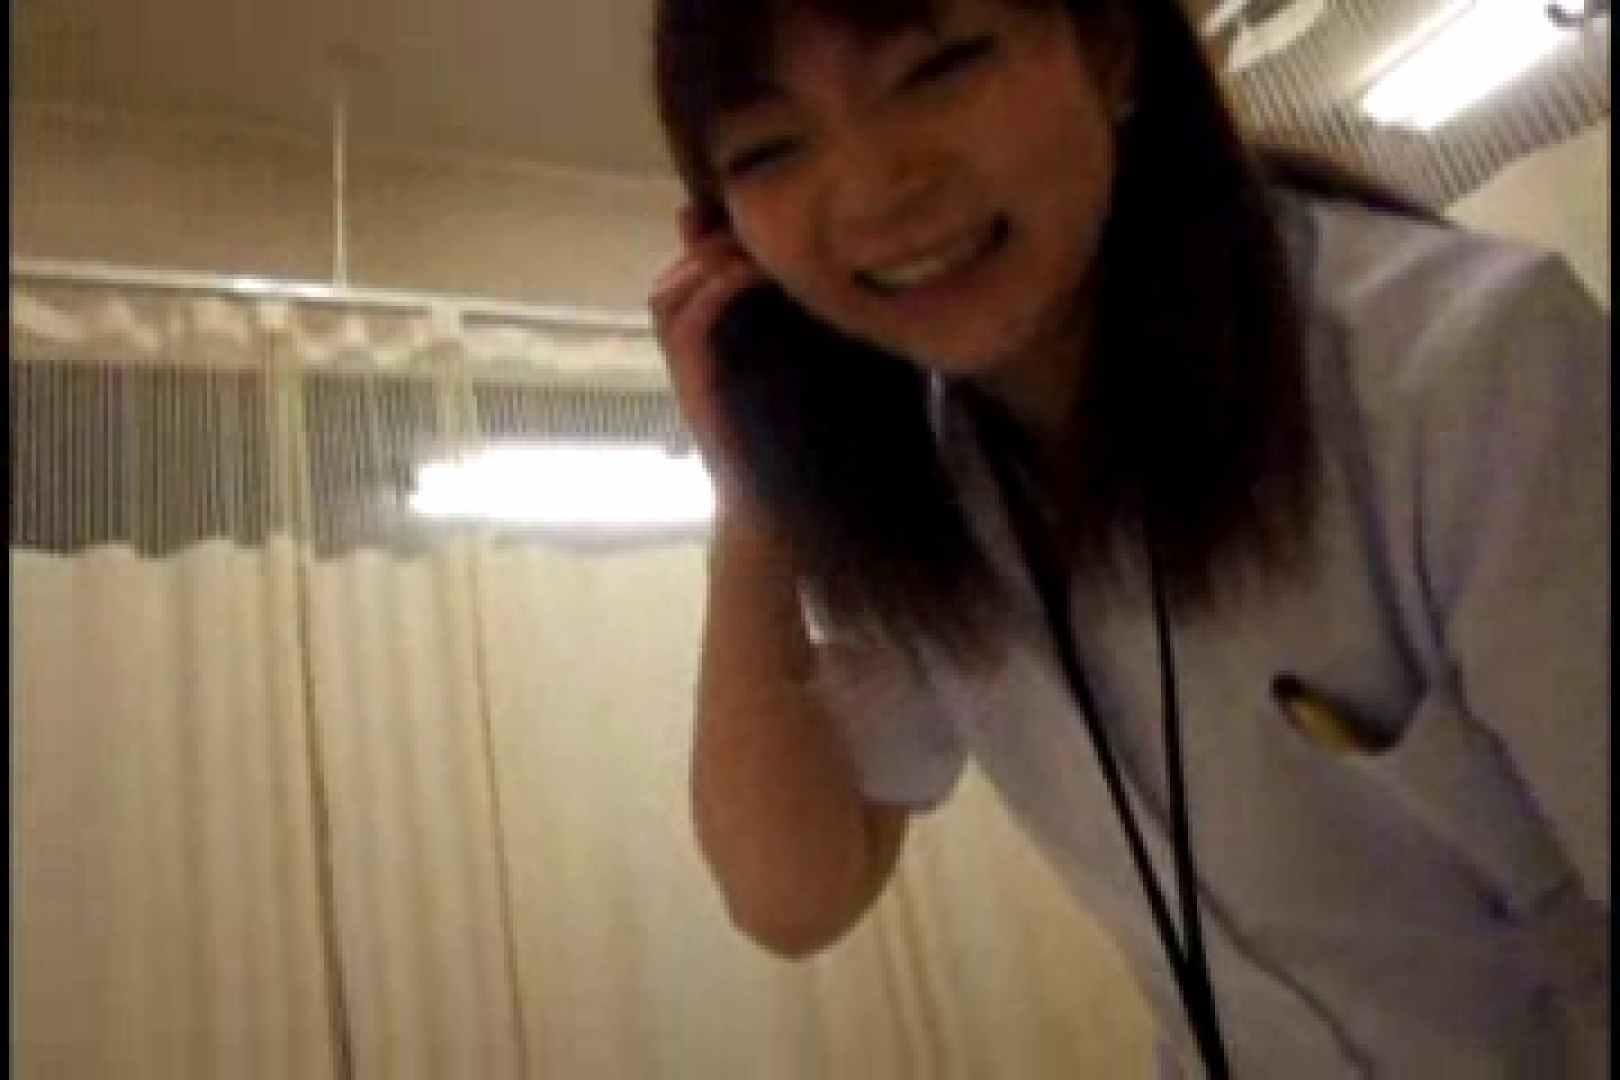 ヤリマンと呼ばれた看護士さんvol1 エッチなOL 濡れ場動画紹介 93pic 20